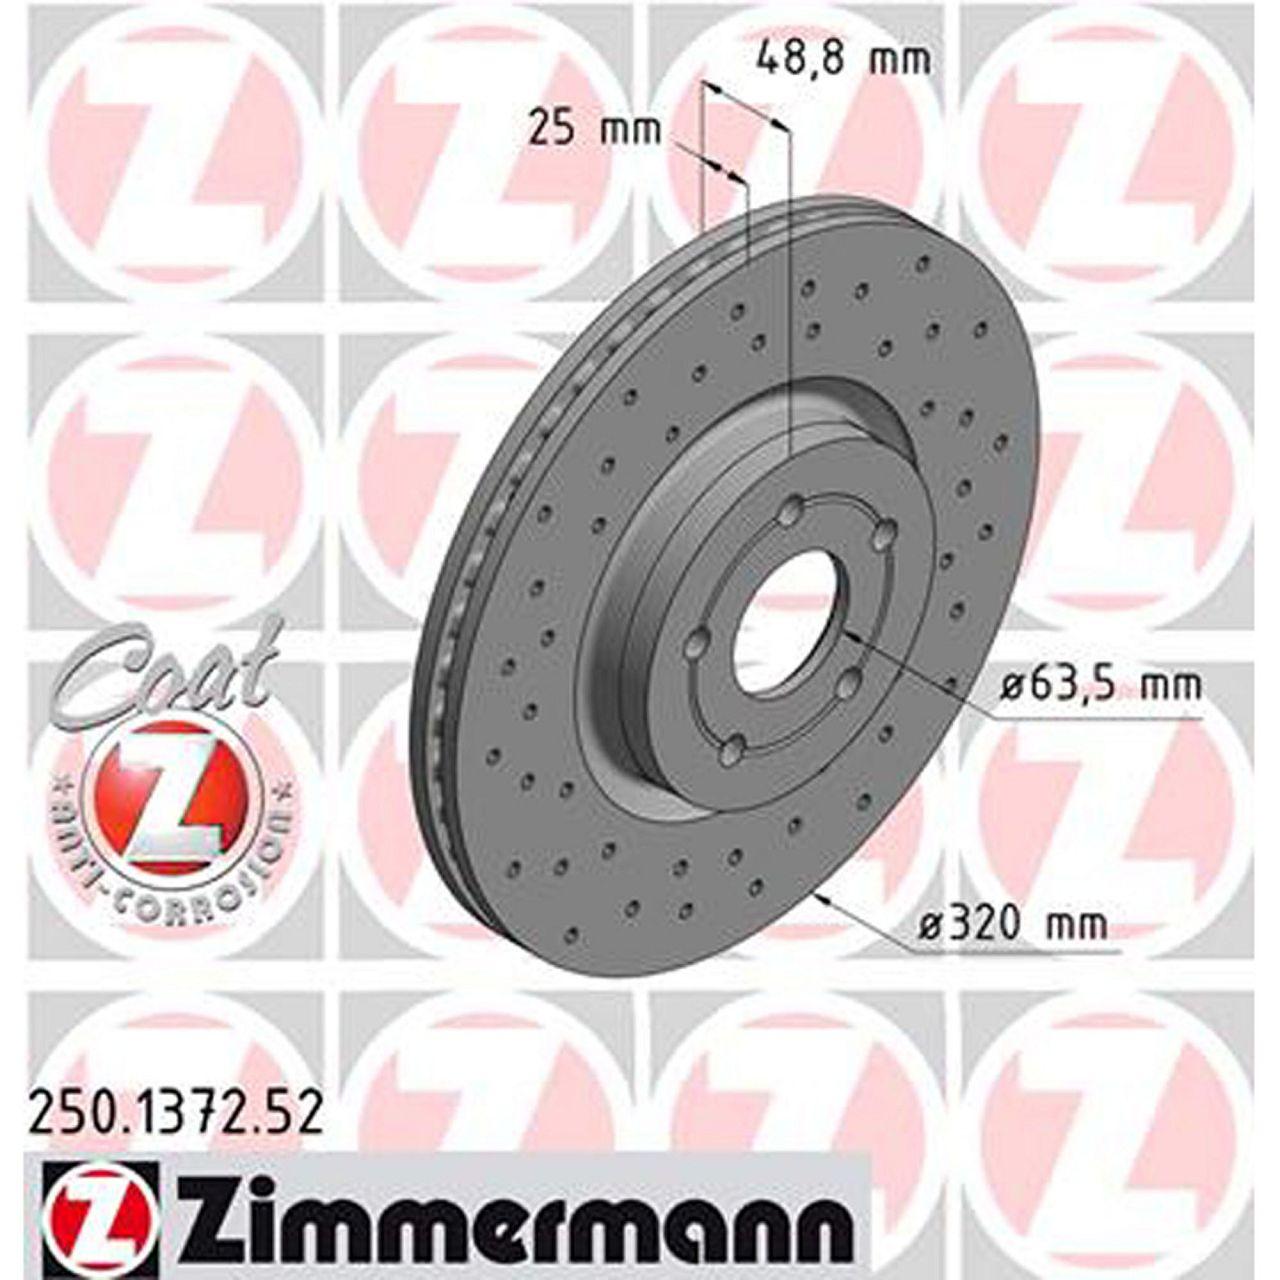 Zimmermann SPORT Bremsscheiben für Ford Focus III MK3 2.0ST Kuga II MK2 vorne